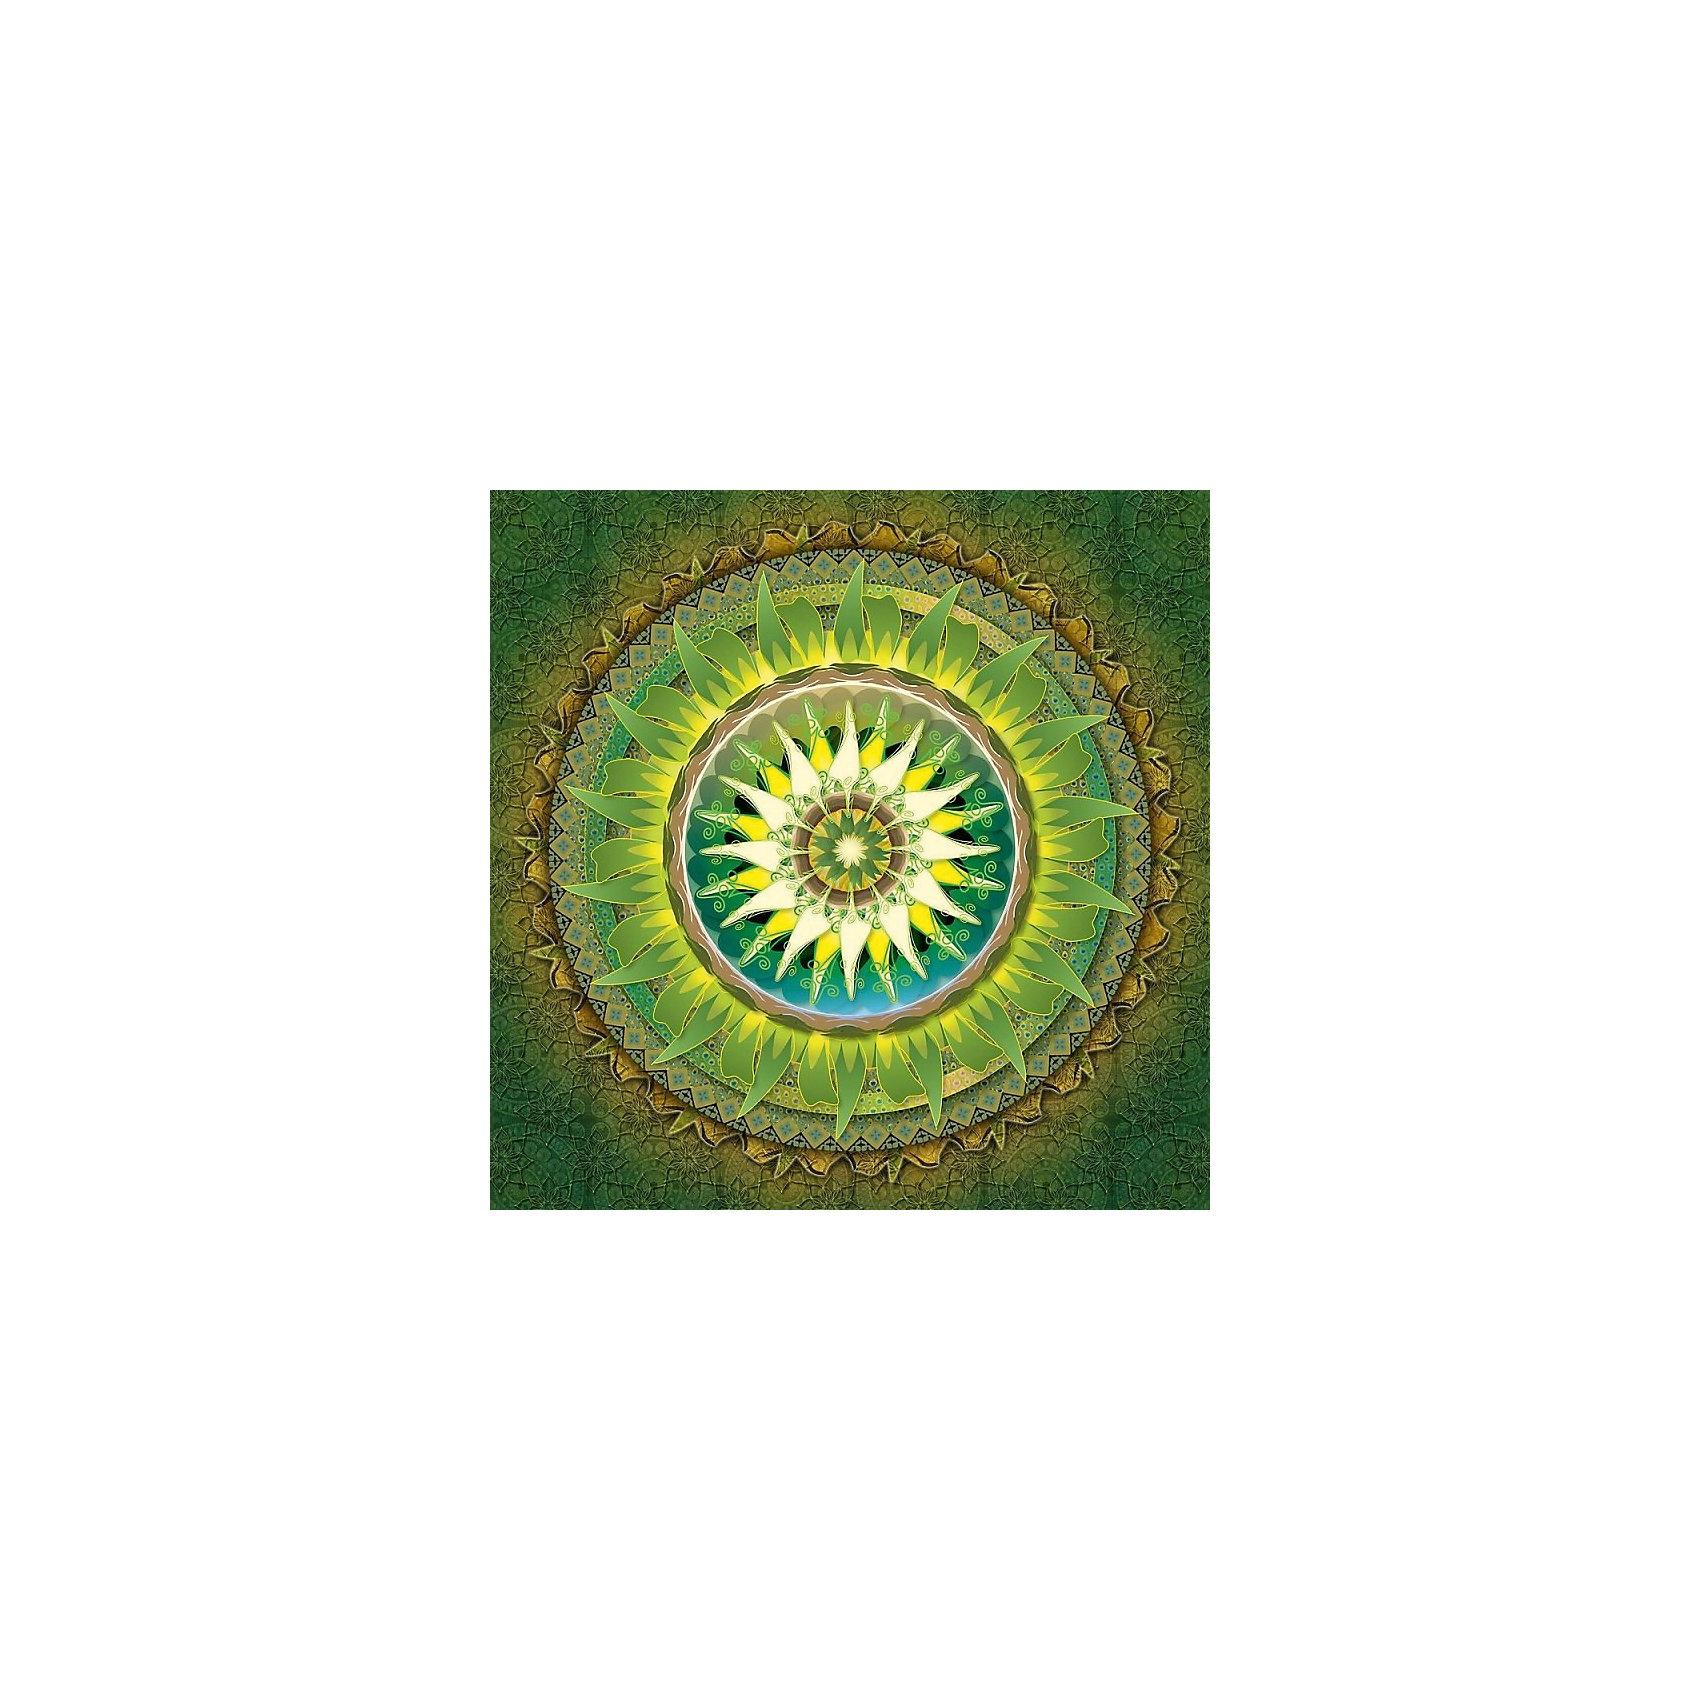 Алмазная мозаика по номерами Зеленая мандала 40*40 смХарактеристики товара:<br><br>• размер: 40x40 см<br>• размер упаковки: 42x42х5 см<br>• комплектация: холст, комплект искусственных камней, пинцет, пластмассовый лоток для камней, пластмассовый карандаш для камней, клей<br>• материал: акрил, текстиль, пластик<br>• не требует специальных навыков<br>• для творчества<br>• страна бренда: Российская Федерация<br>• страна производства: Китай<br><br>Алмазная мозаика в настоящий момент очень популярна, и это не удивительно! С помощью подобных наборов можно создавать красивые переливающиеся картины, при этом совсем не обязательно иметь опыт рукоделия. В набор для создания алмазной мозаики входит основа, на которую нужно наклеить небольшие камни - поля пронумерованы, поэтому найти для них правильное место не составит труда. В итоге получается картина, которой можно украсить помещение или подарить кому-то!<br>Набор станет отличным подарком для взрослых и детей. Подобные занятия помогают ребенку развивать важные навыки и способности, они активизирует мышление, формируют усидчивость, логику, абстрактное мышление и воображение. Изделие производится из качественных и проверенных материалов, которые безопасны для детей.<br><br>Алмазную мозаику по номерам Зеленая мандала 40*40 см от бренда Tukzar можно купить в нашем интернет-магазине.<br><br>Ширина мм: 420<br>Глубина мм: 420<br>Высота мм: 50<br>Вес г: 900<br>Возраст от месяцев: 96<br>Возраст до месяцев: 2147483647<br>Пол: Женский<br>Возраст: Детский<br>SKU: 5217103